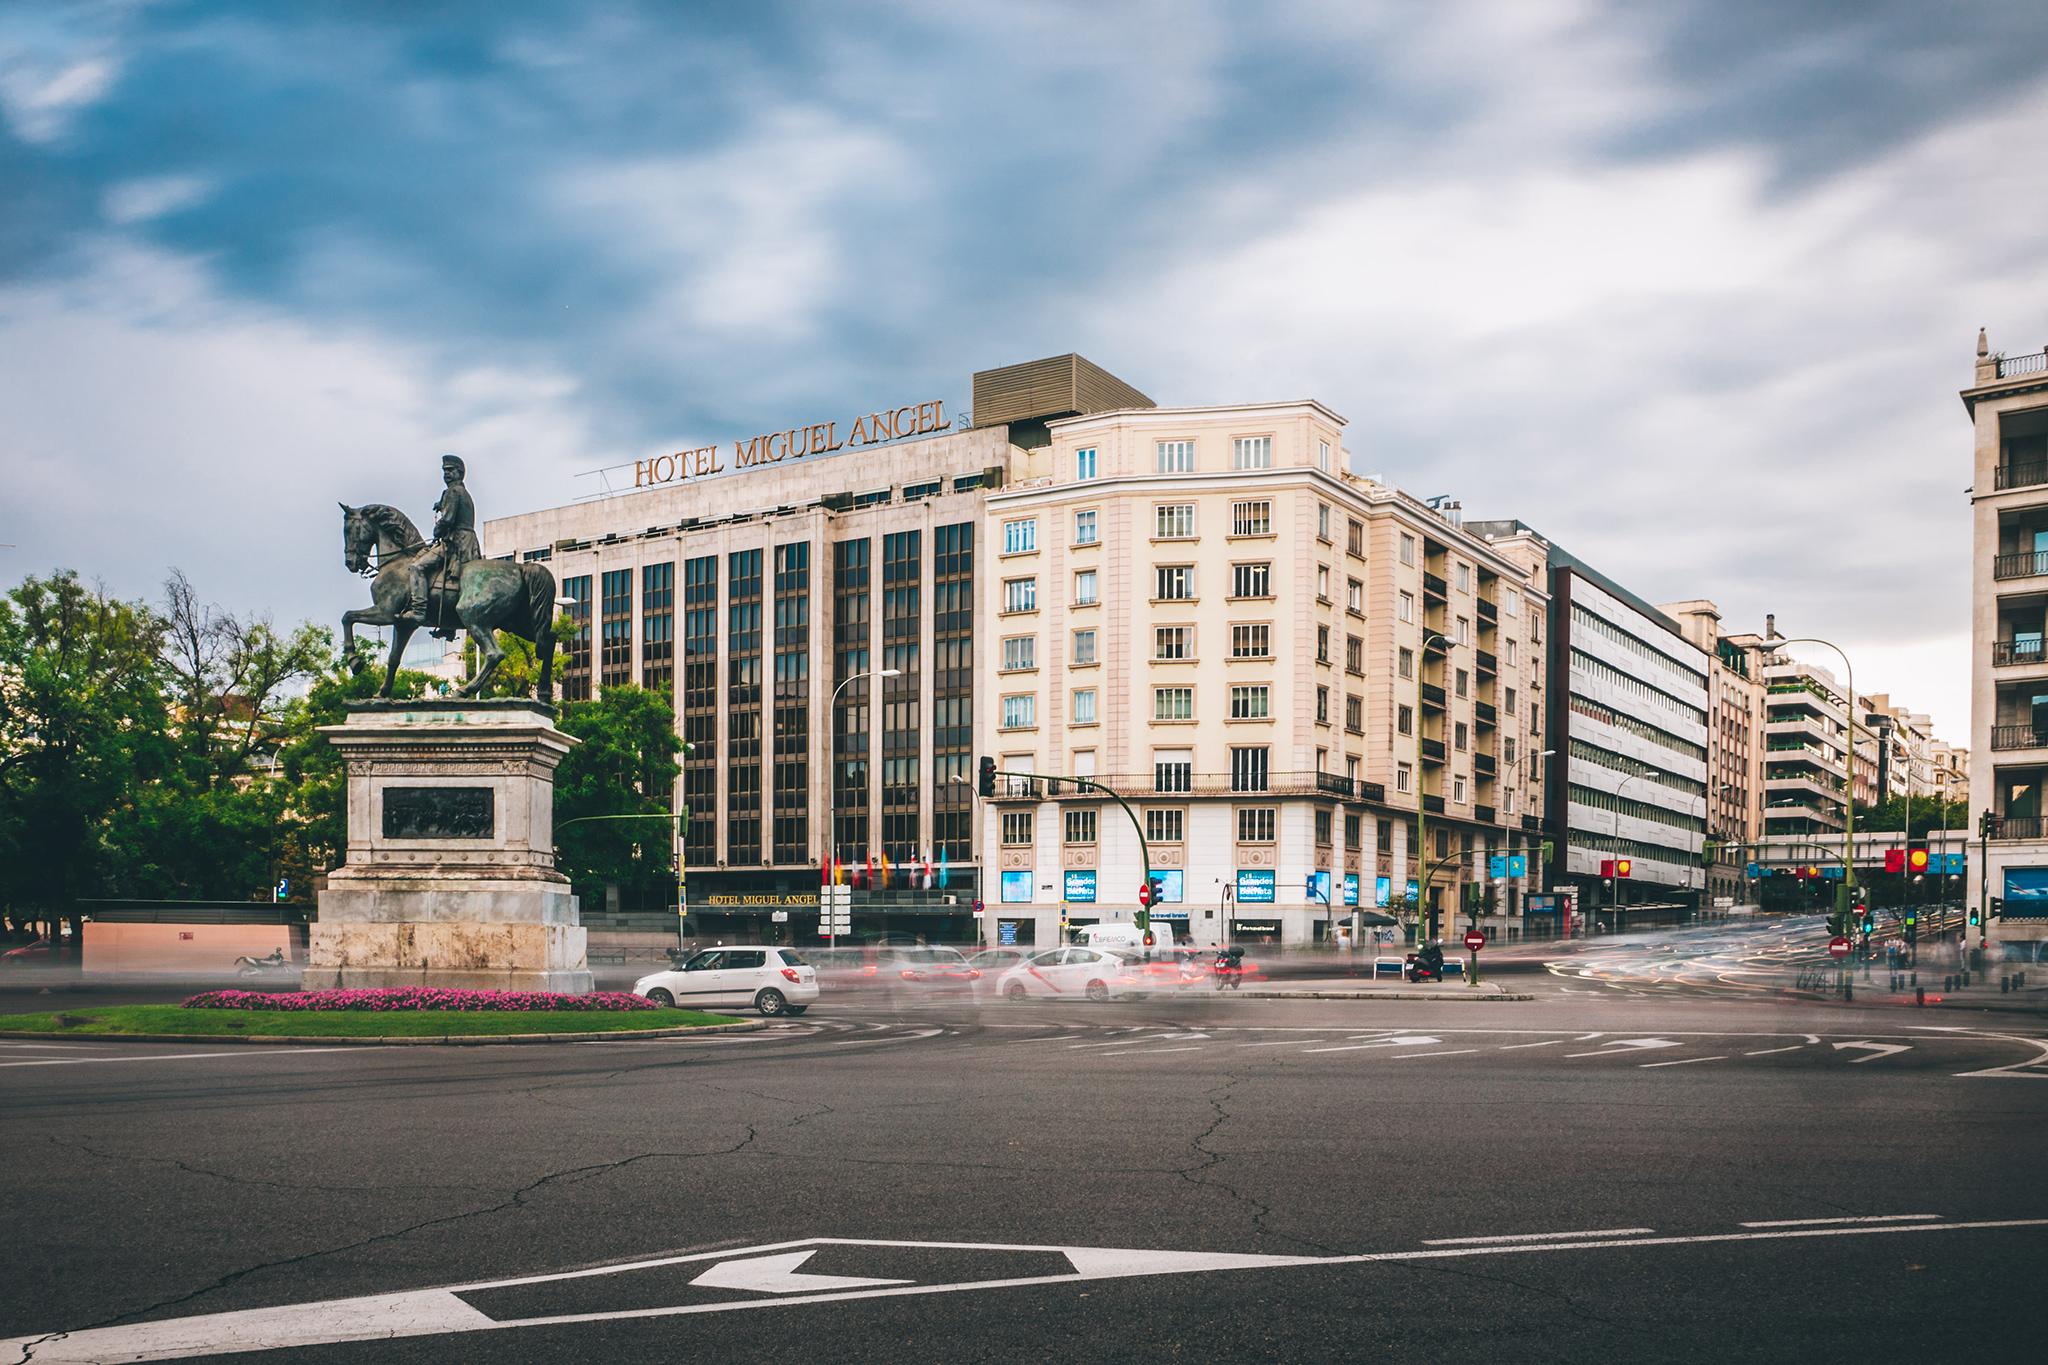 Hotel Miguel Angel Restaurante